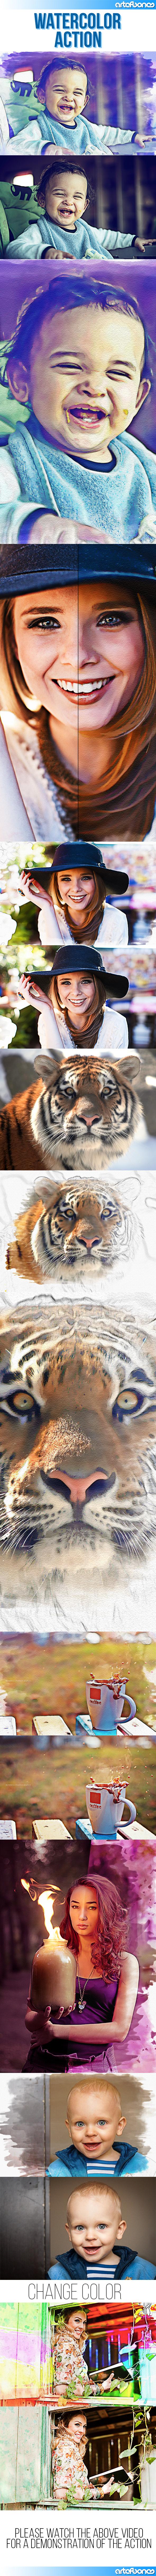 GraphicRiver Watercolor & Pencil Action 10359110